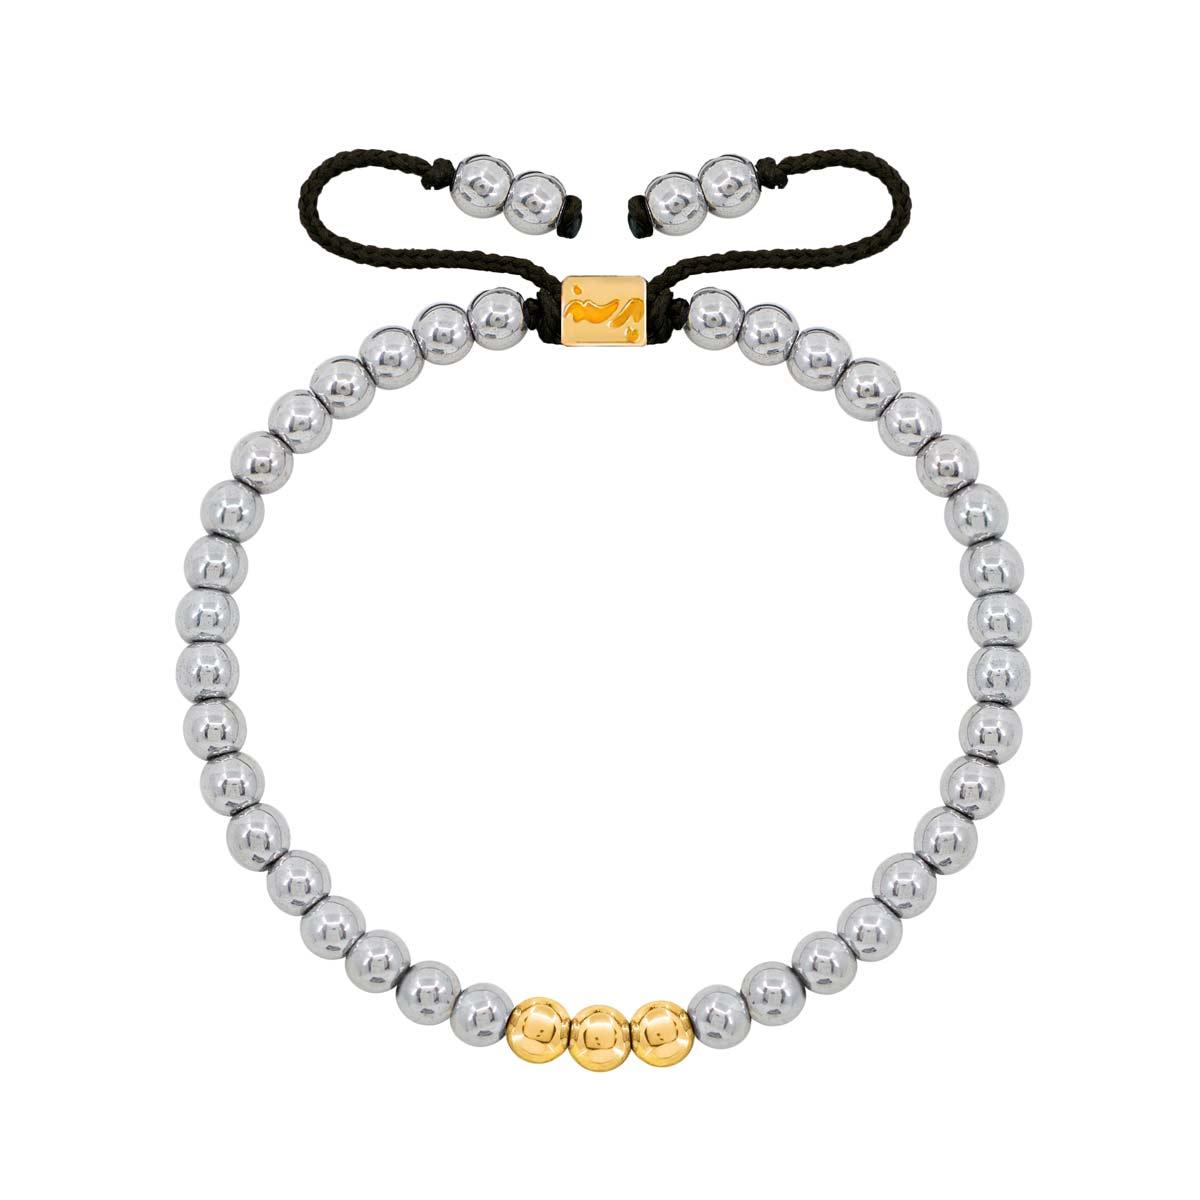 دستبند طلا سنگی سه گوی و حدید روشن